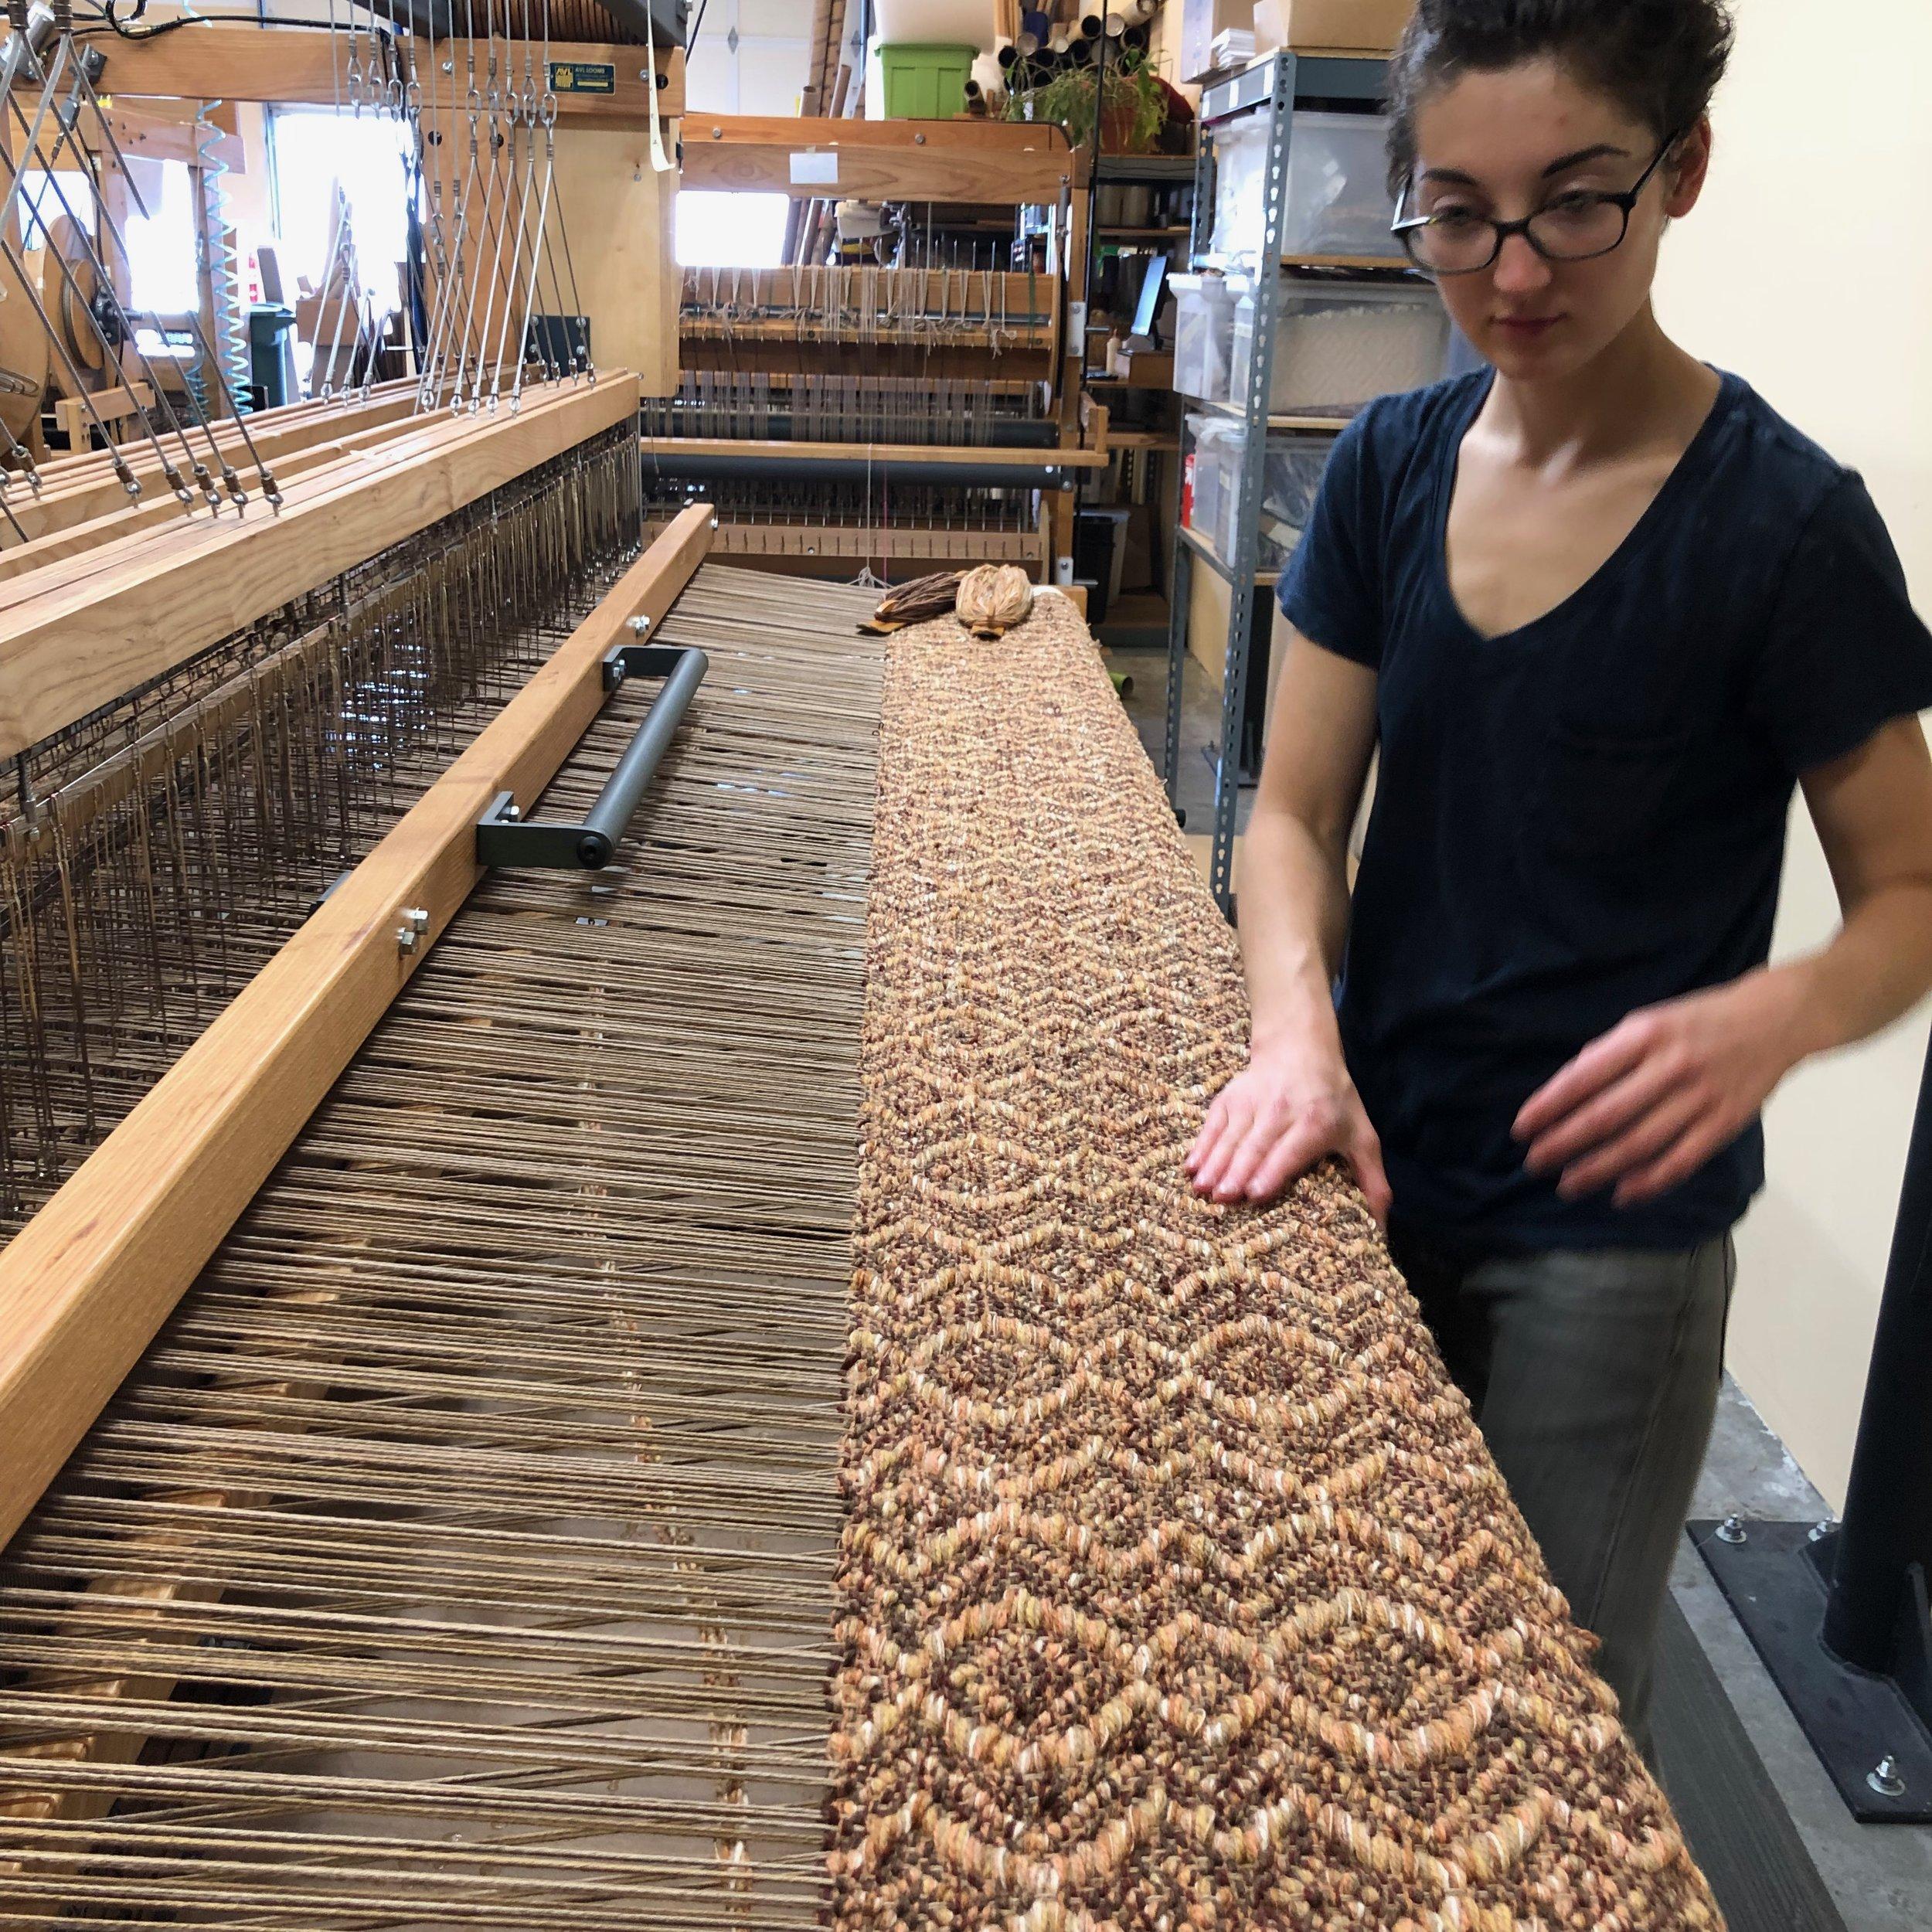 Brooke weaving